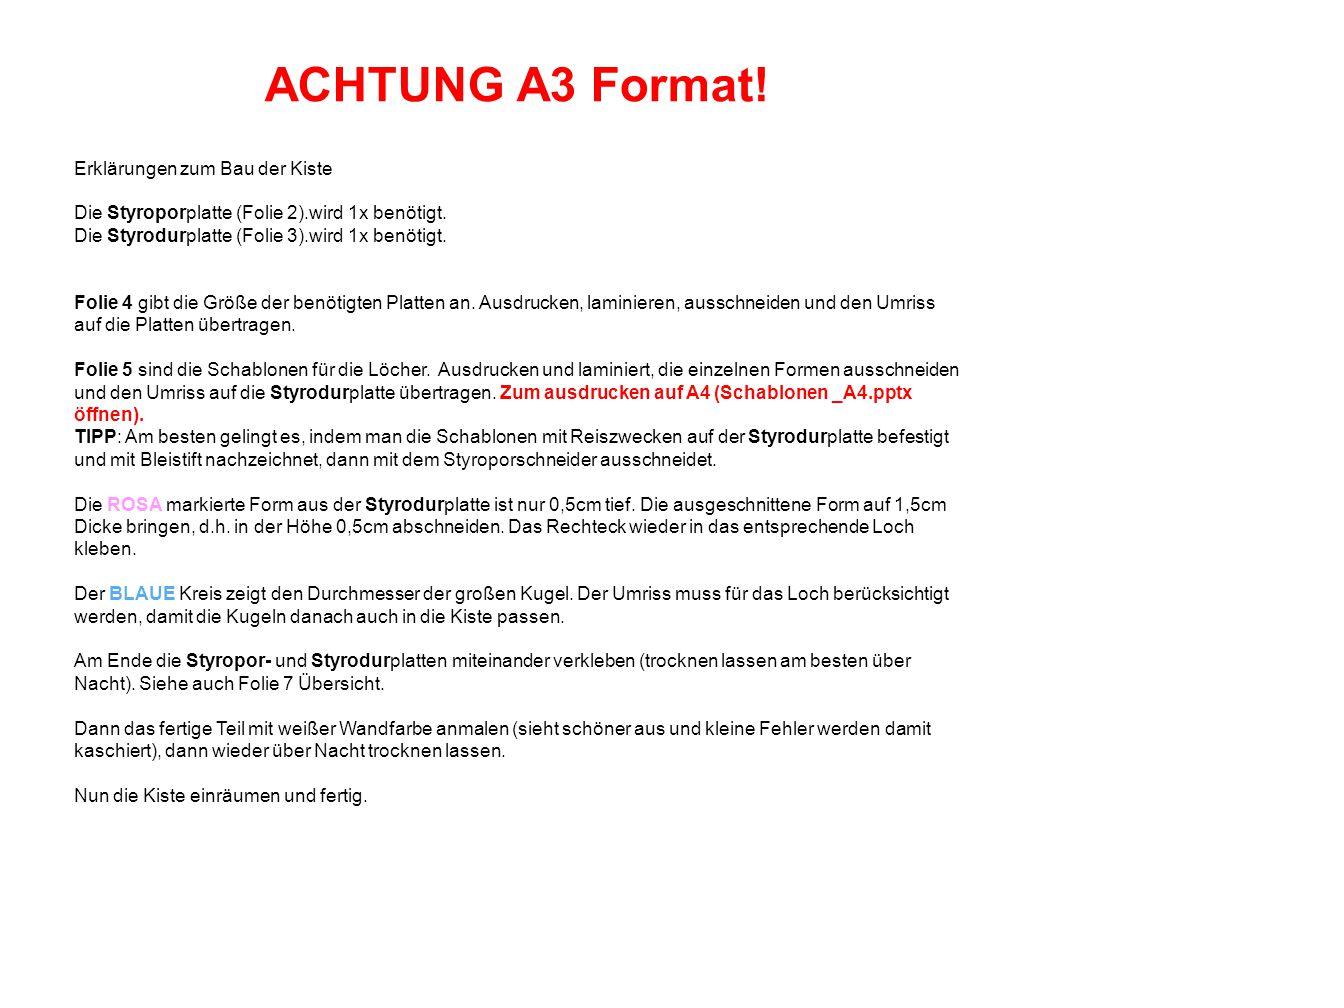 ACHTUNG A3 Format! Erklärungen zum Bau der Kiste Die Styroporplatte (Folie 2).wird 1x benötigt. Die Styrodurplatte (Folie 3).wird 1x benötigt. Folie 4